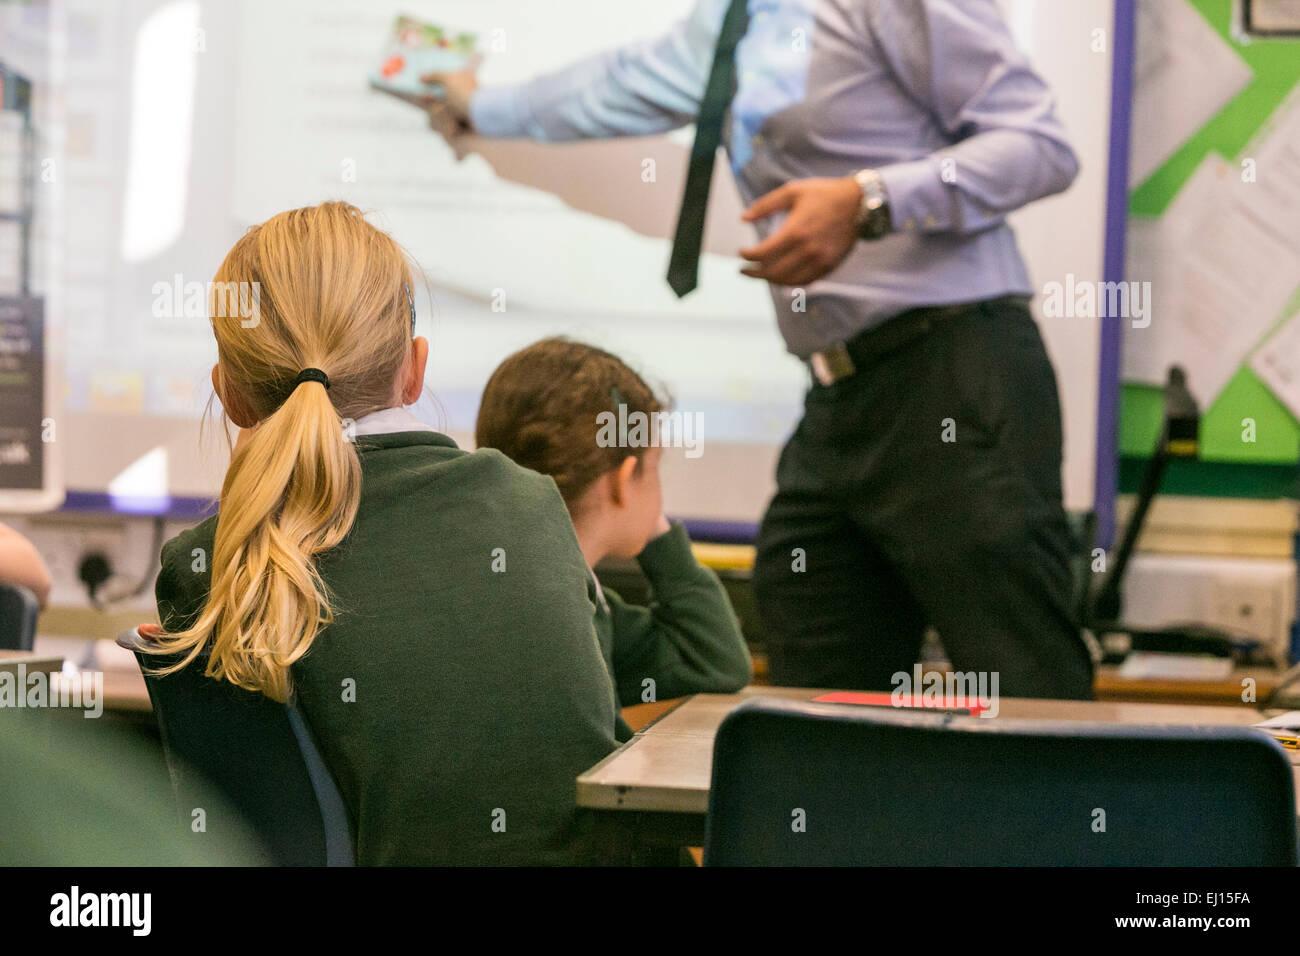 La scuola primaria le ragazze sono insegnate durante una lezione da parte di un insegnante maschio Immagini Stock